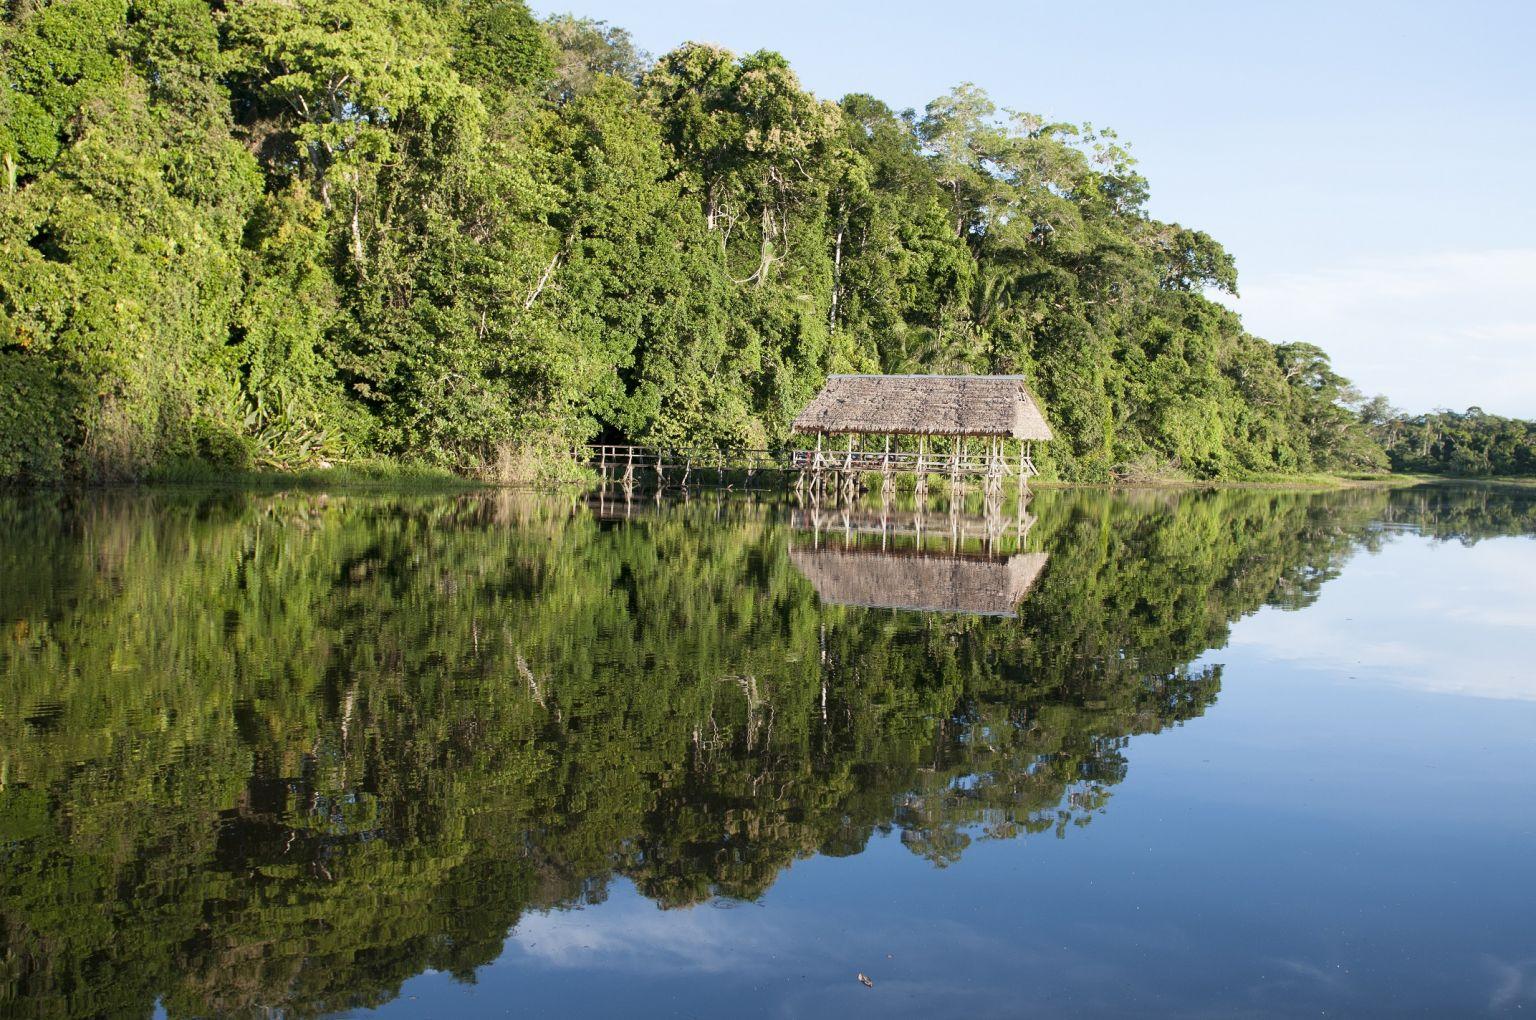 Parque Nacional Cordillera Azul ucayali